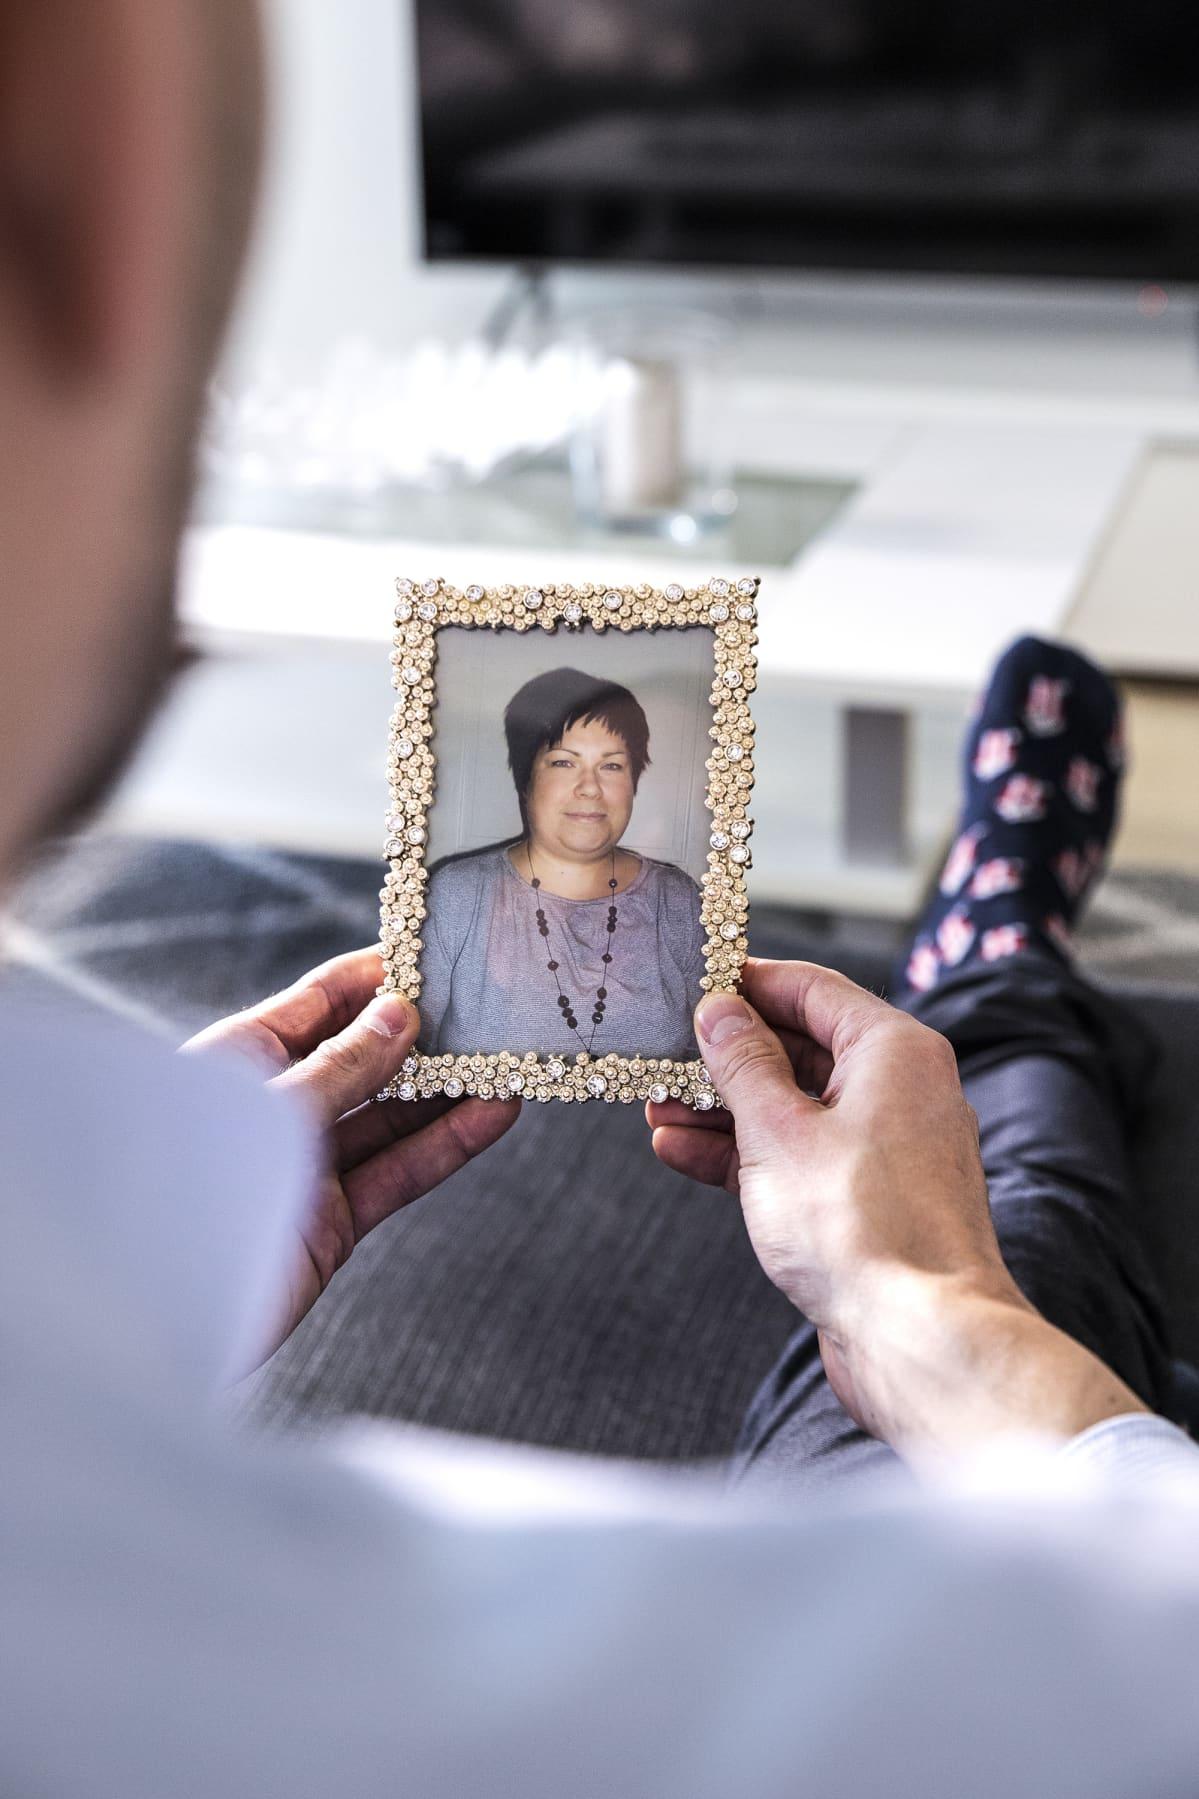 Mies katsoo valokuvaa